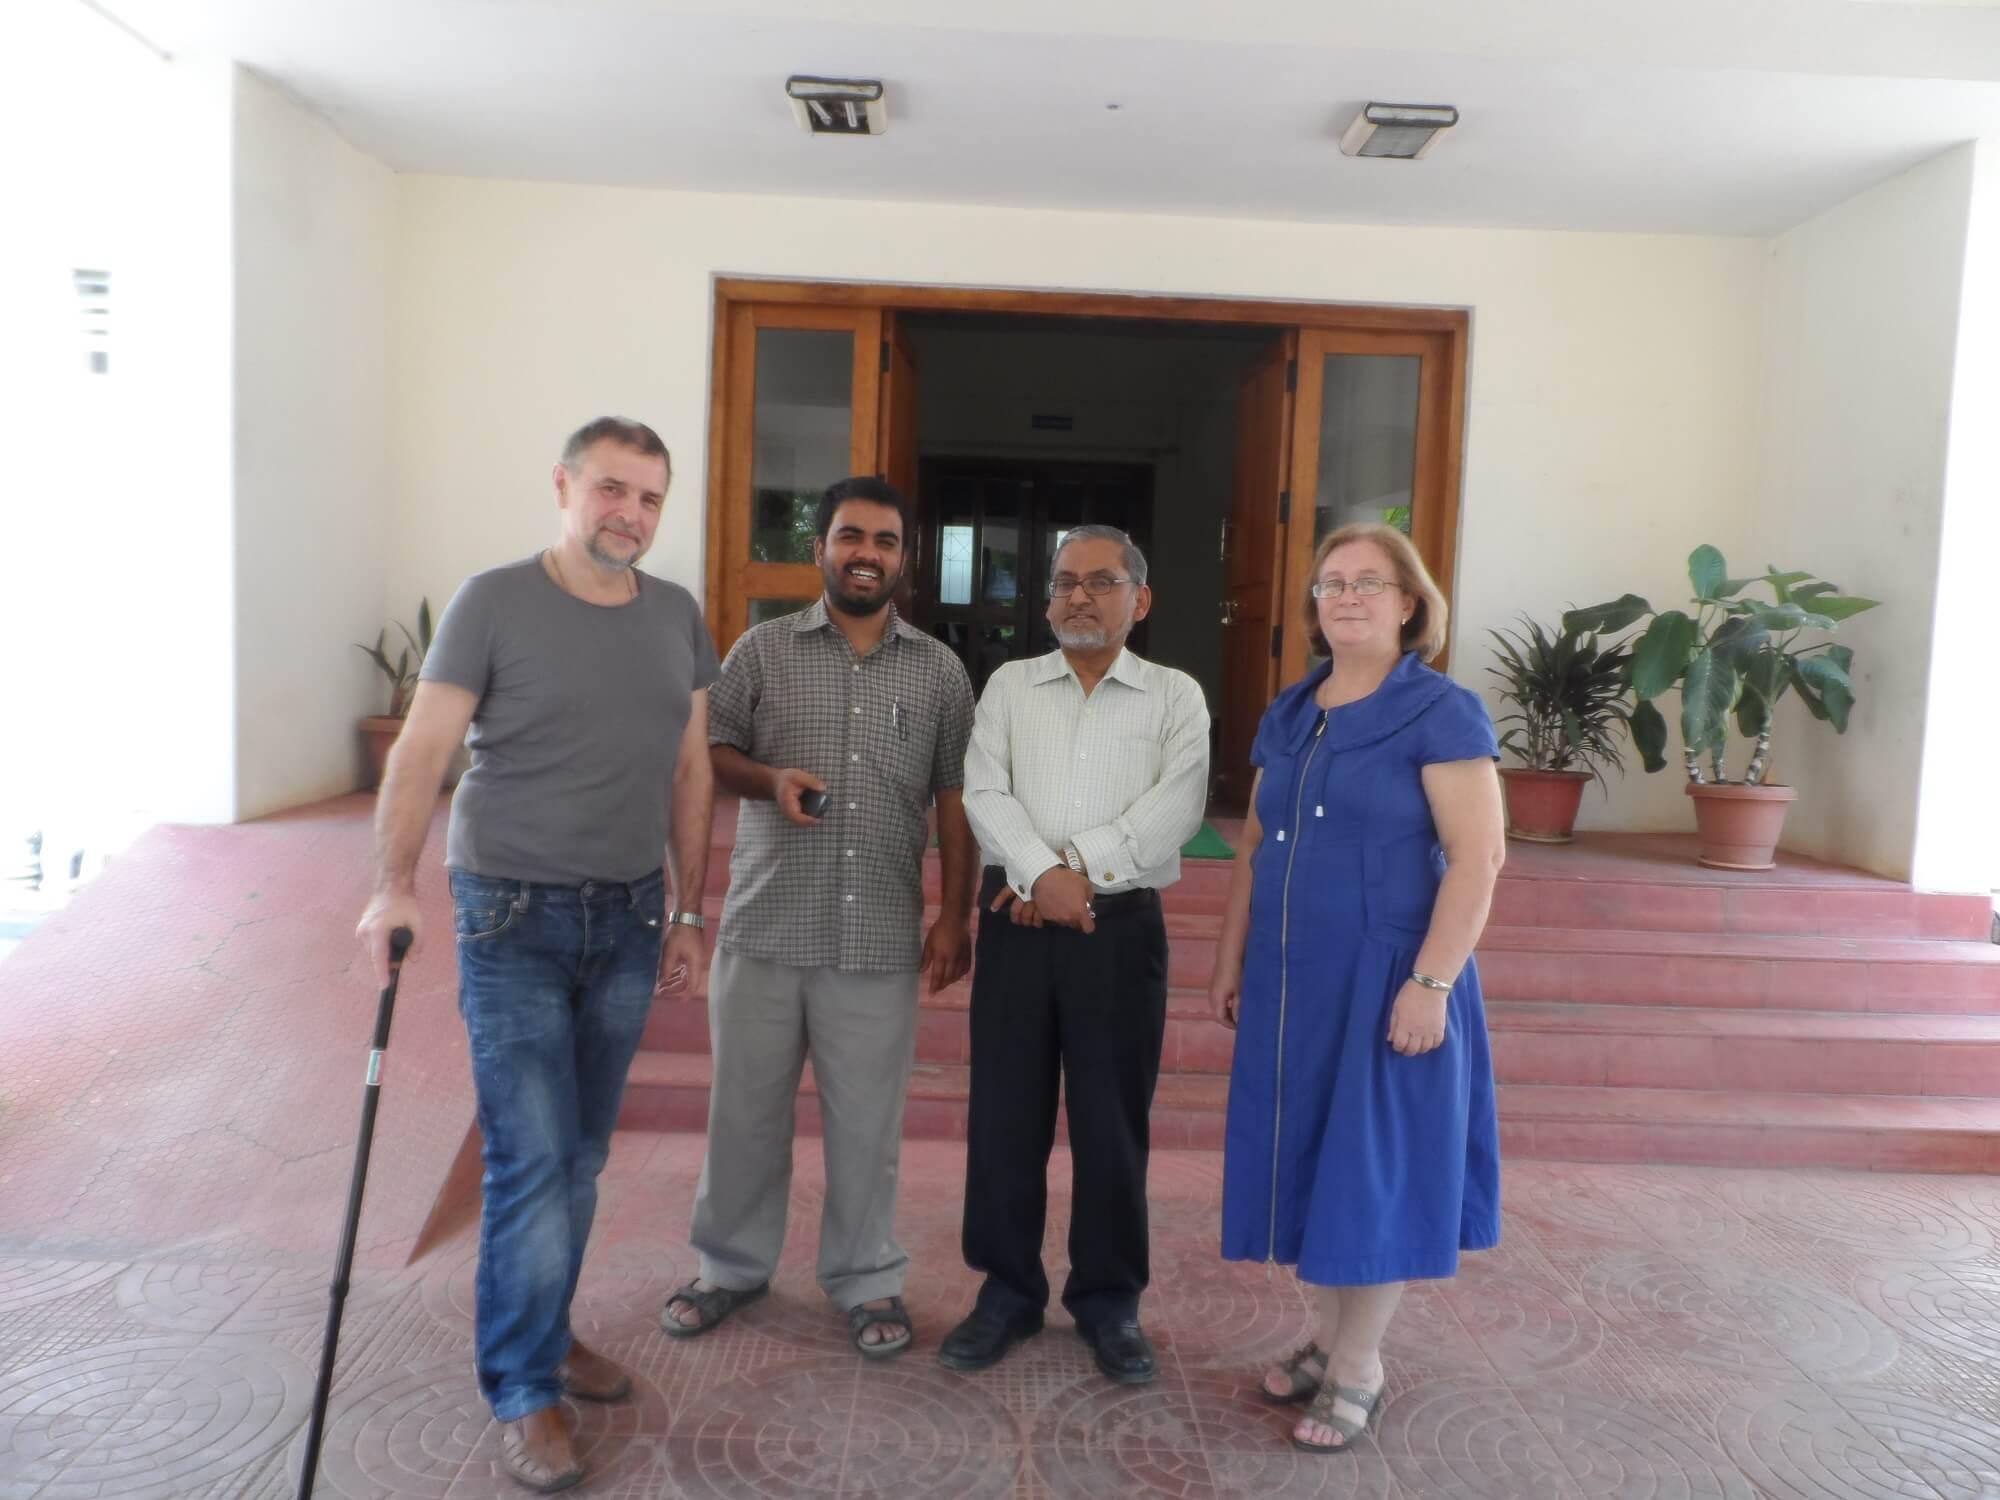 Белозёрова М.В., Садовой А.Н., профессор департамента антропологии Хайдарабадского университета (Индия) Шива Проссад